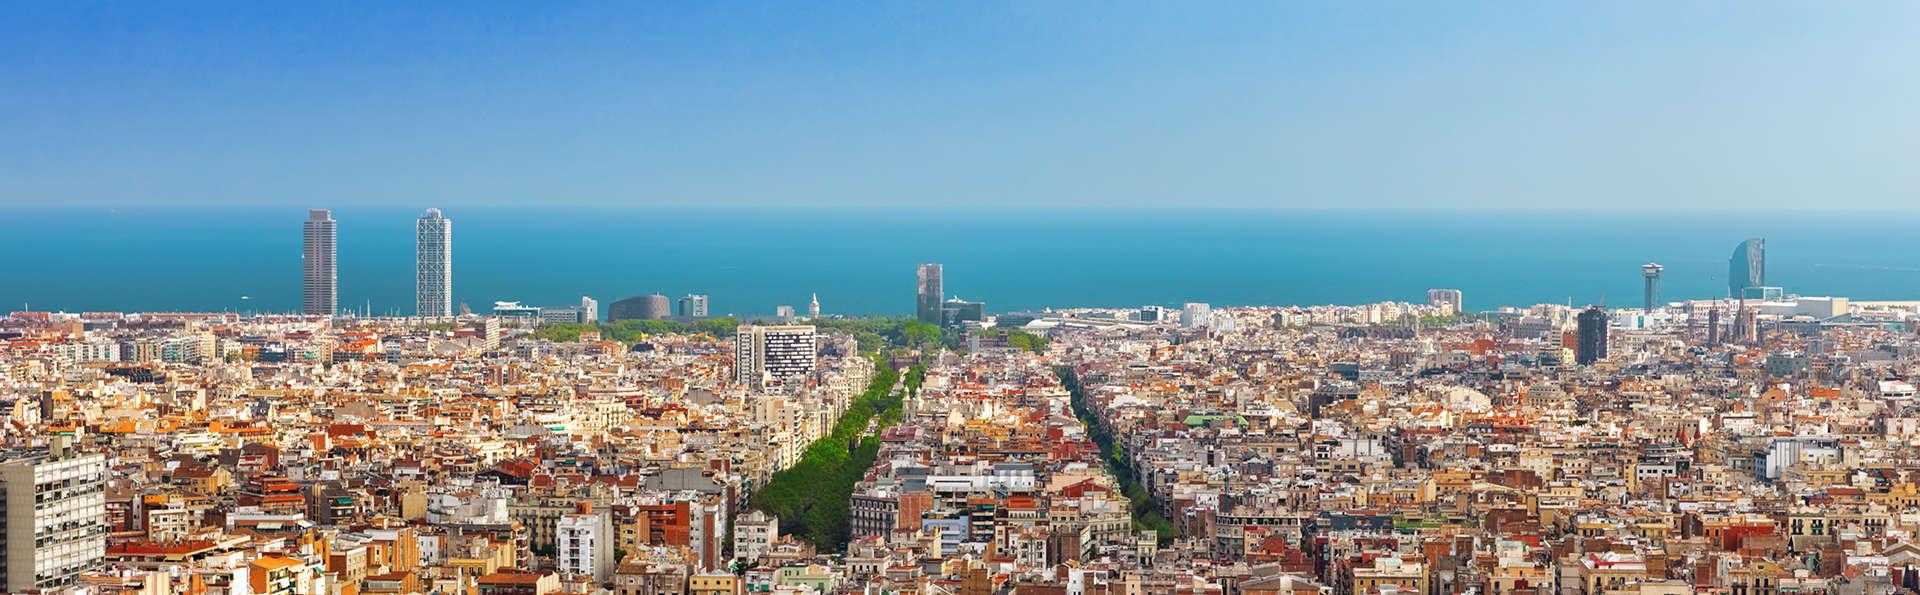 Découvrez la magie de Barcelone